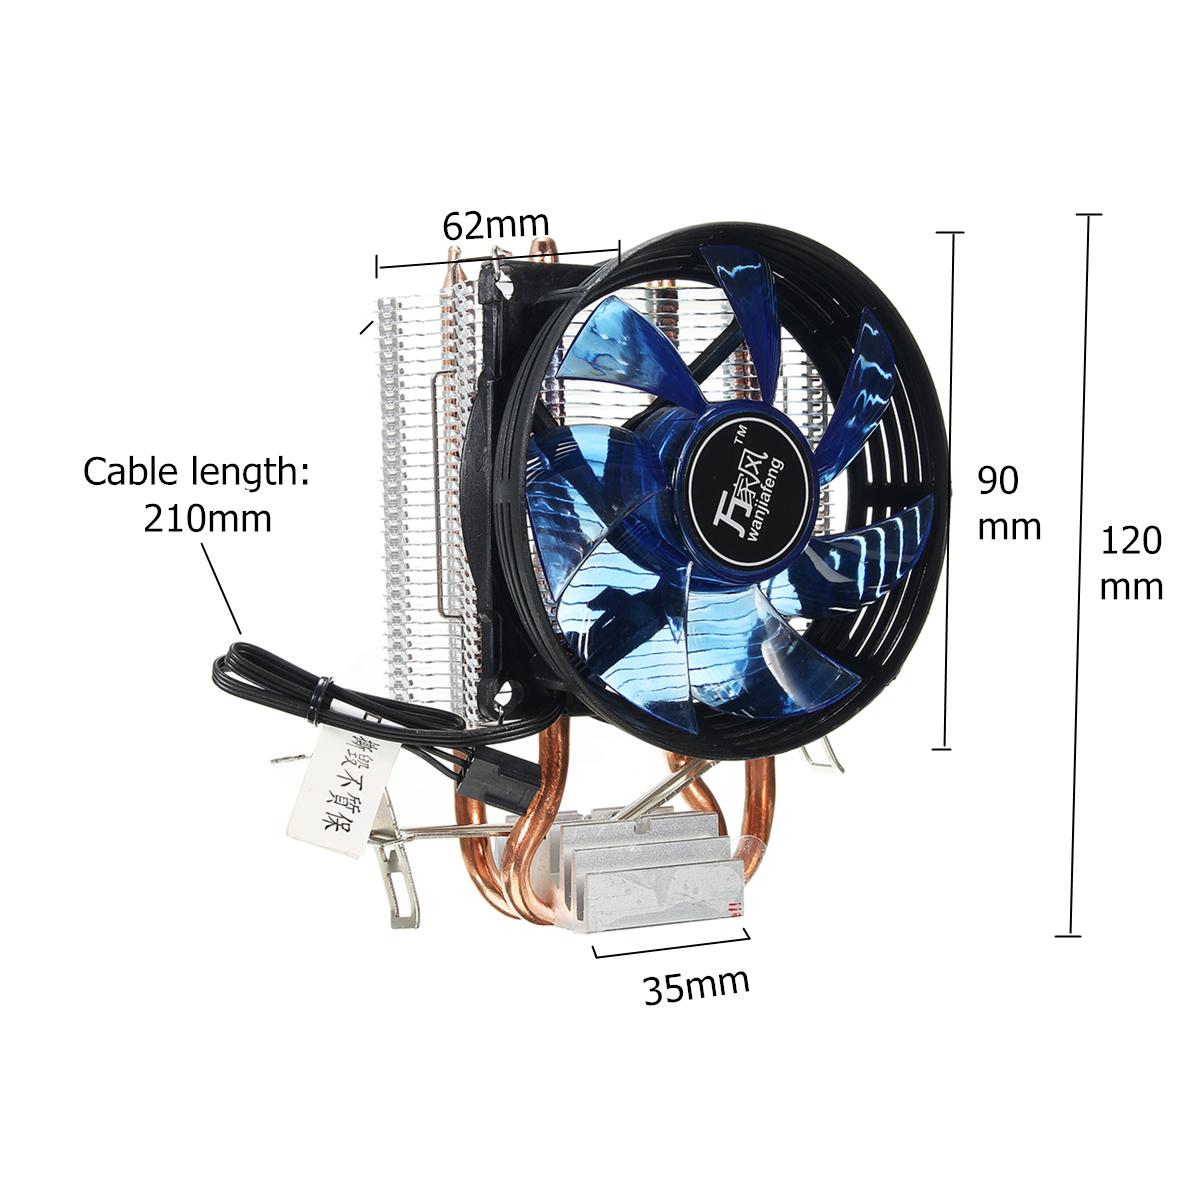 Core LED CPU Quiet Fan Cooler Heatsink Cooling Equipment For Intel Socket LGA1156/1155/775 AMD AM3 Device